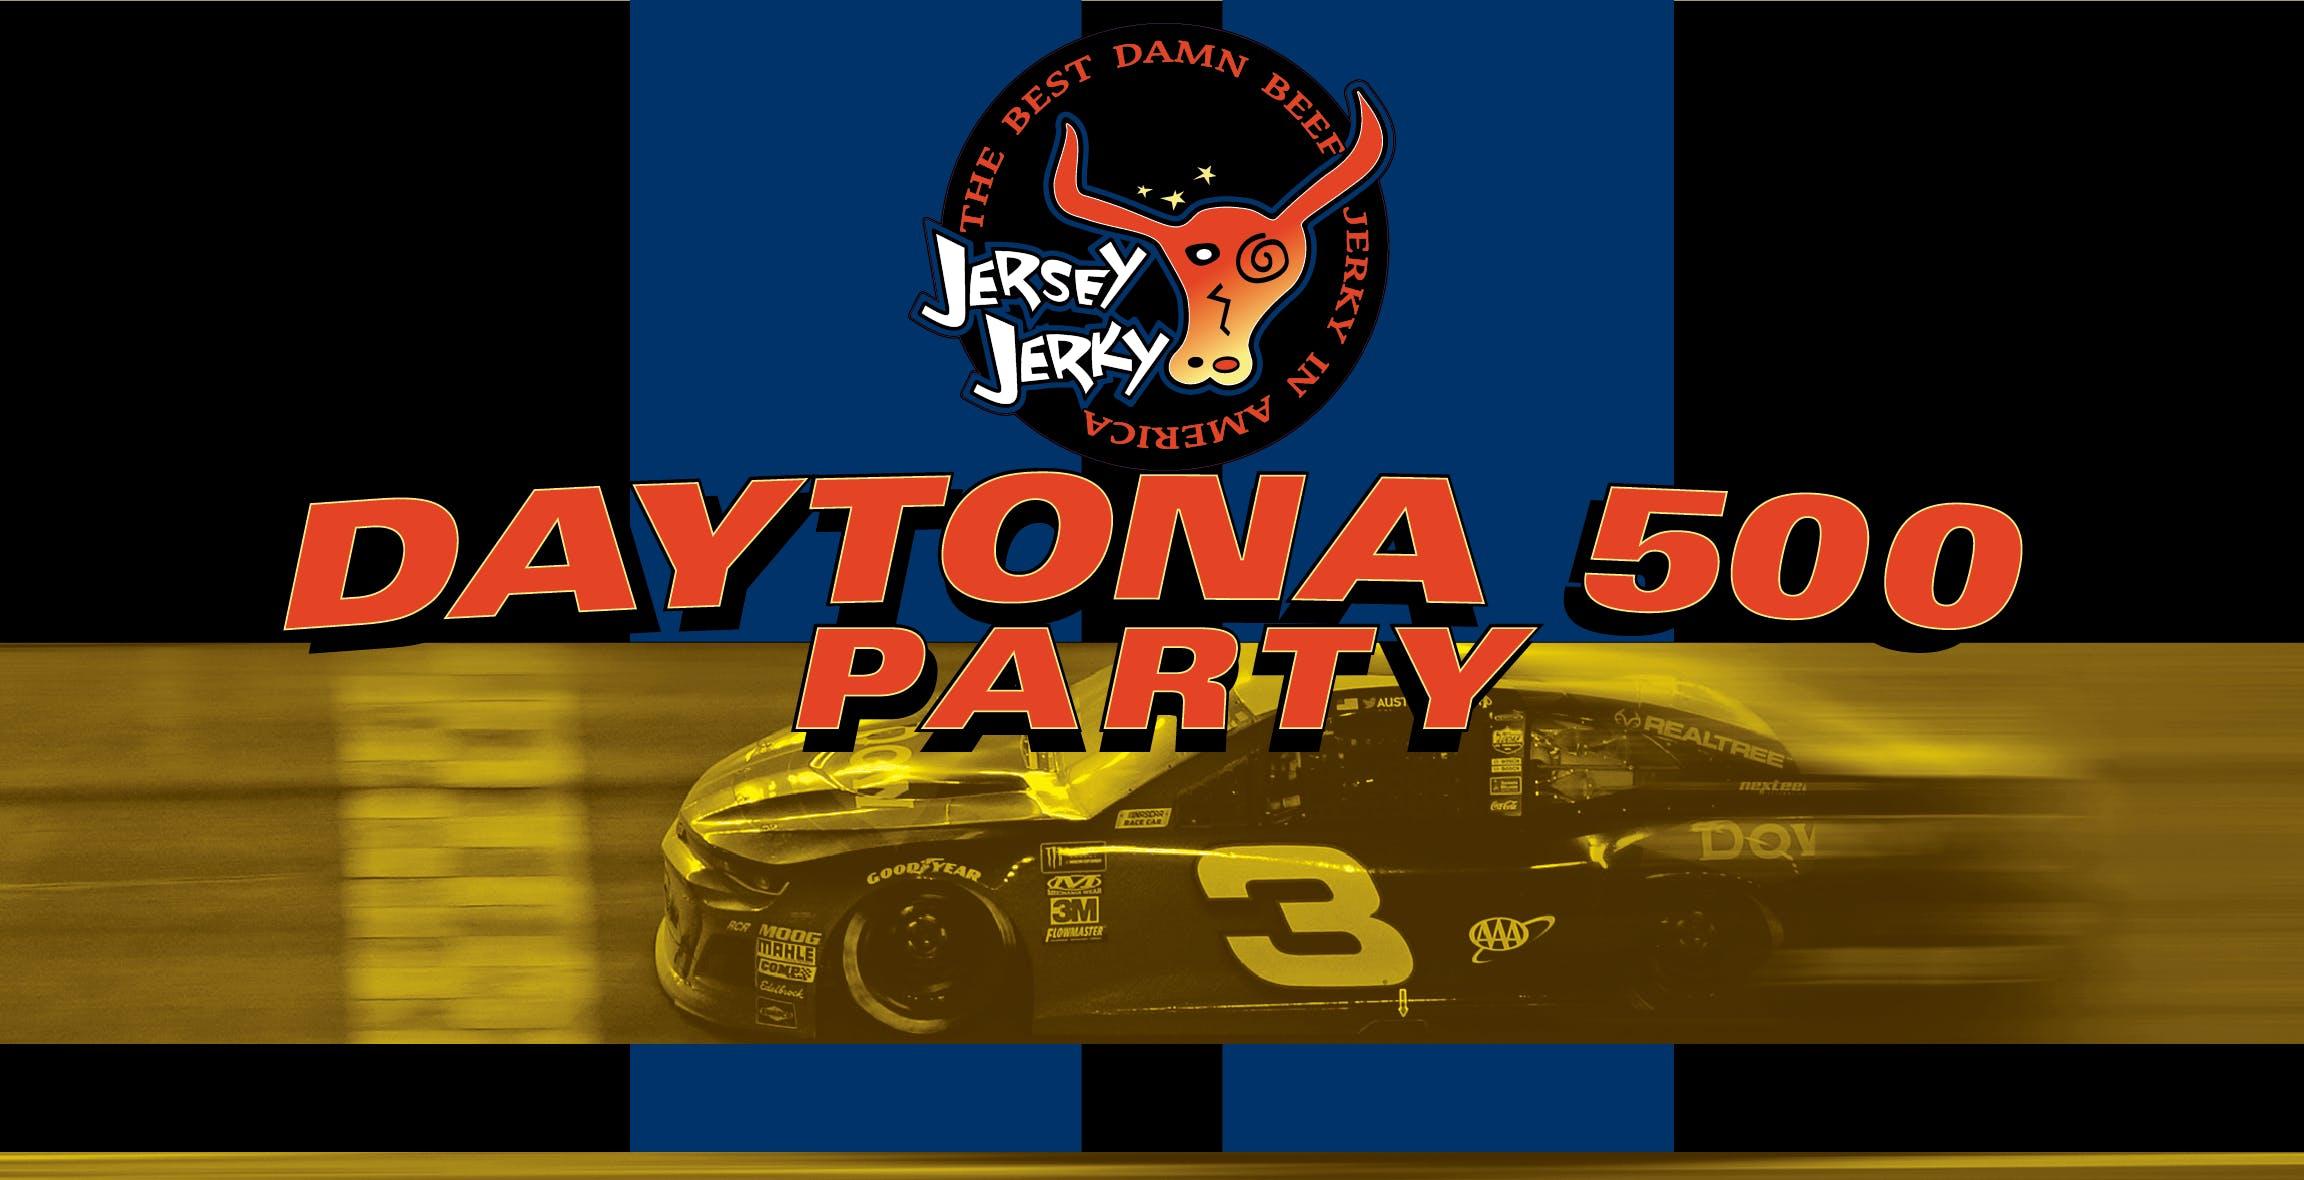 Jersey Jerky Daytona 500 Party